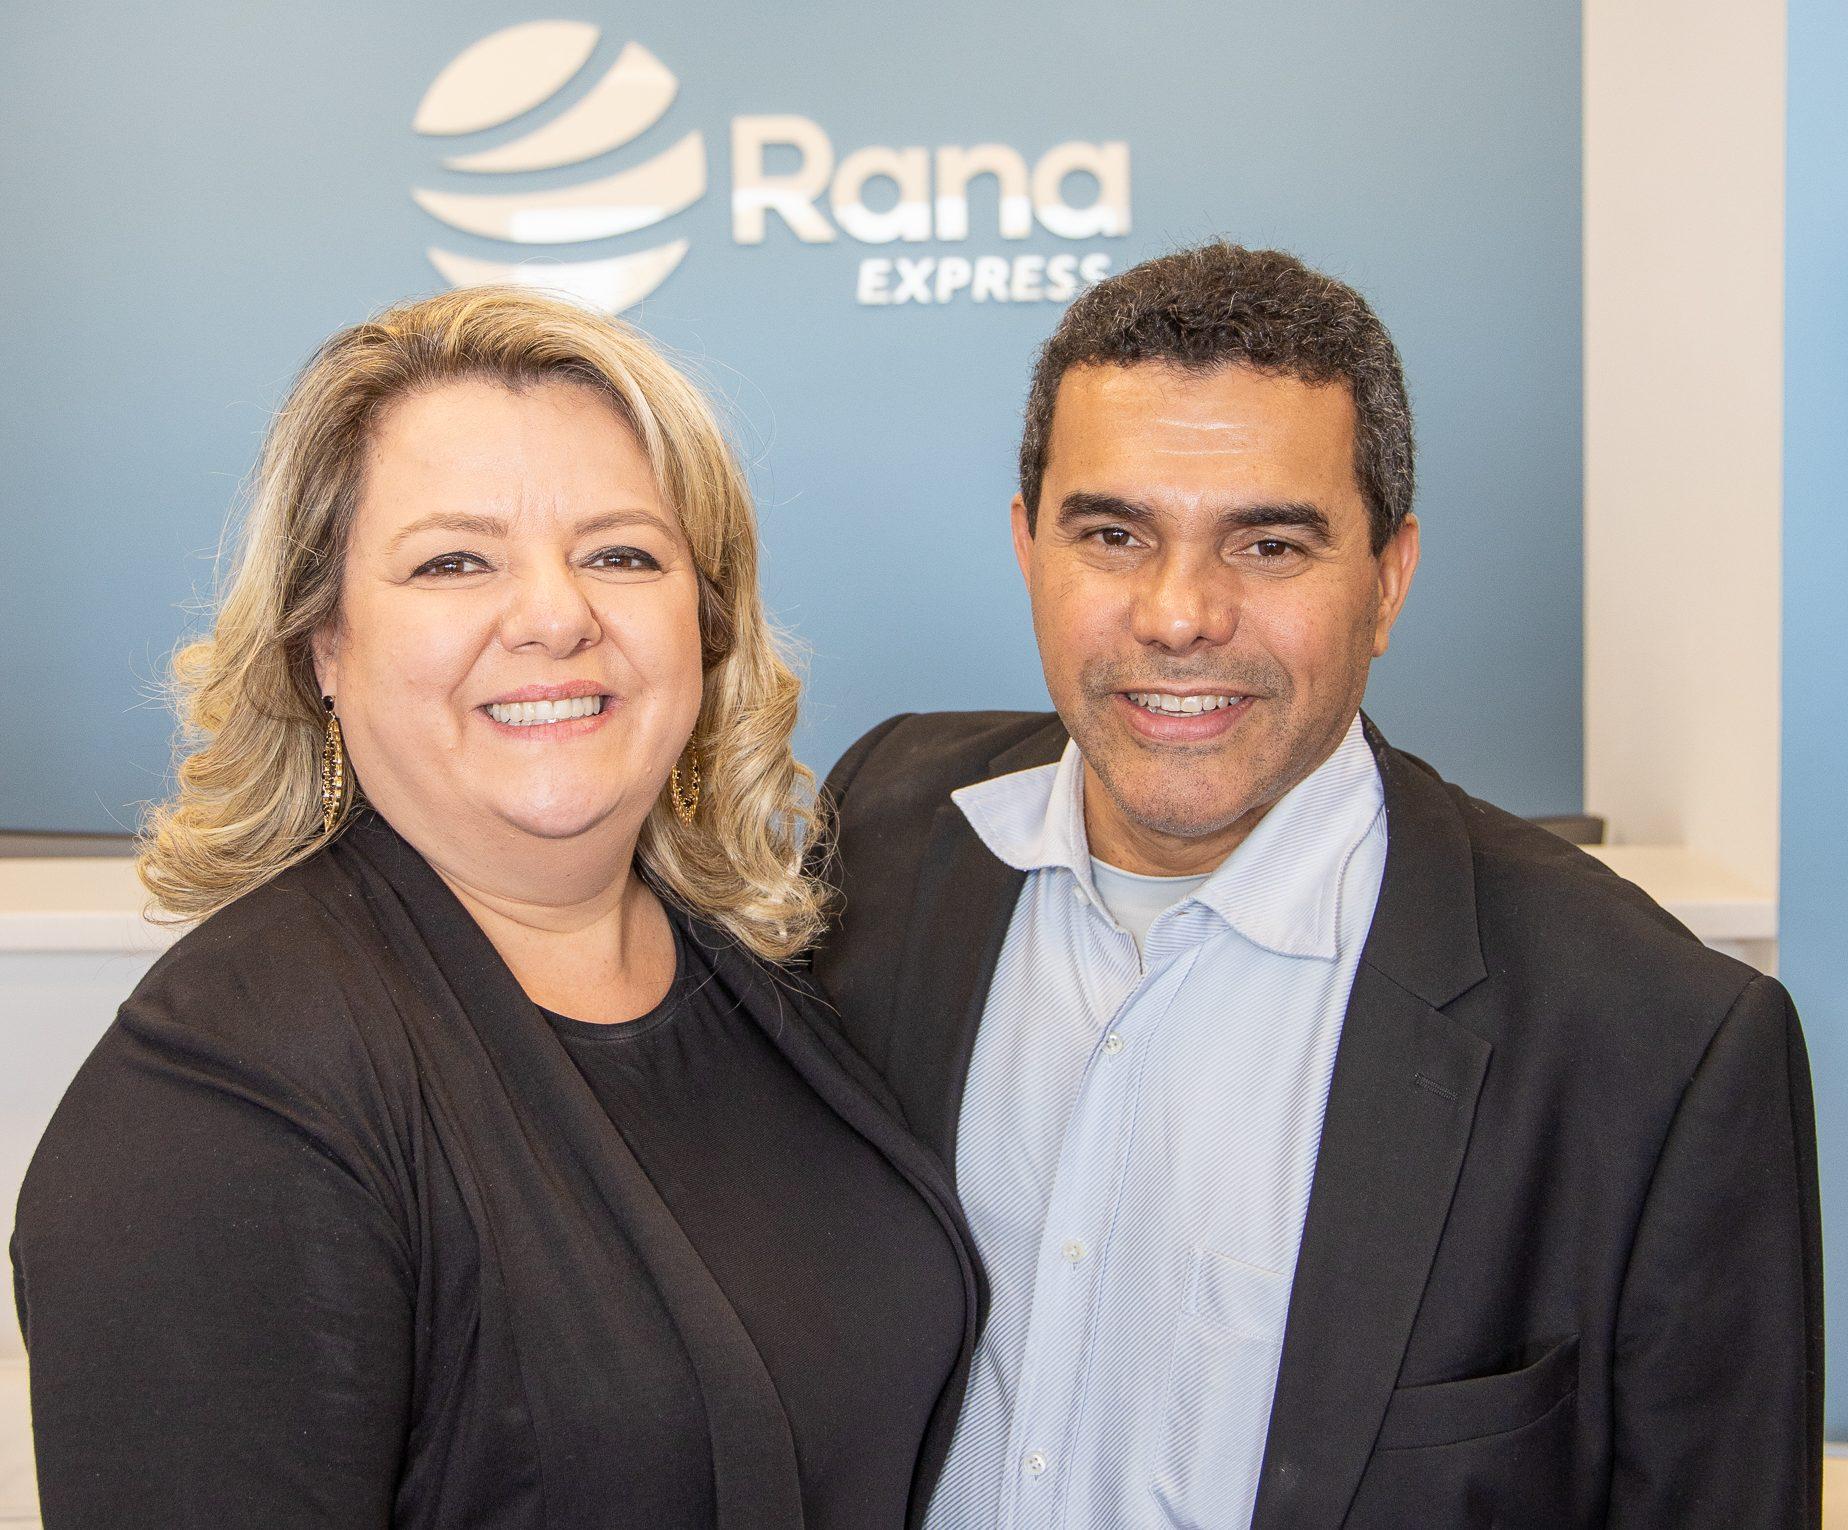 RANA EXPRESS AND TRAVEL É INAGURADA EM ORLANDO!